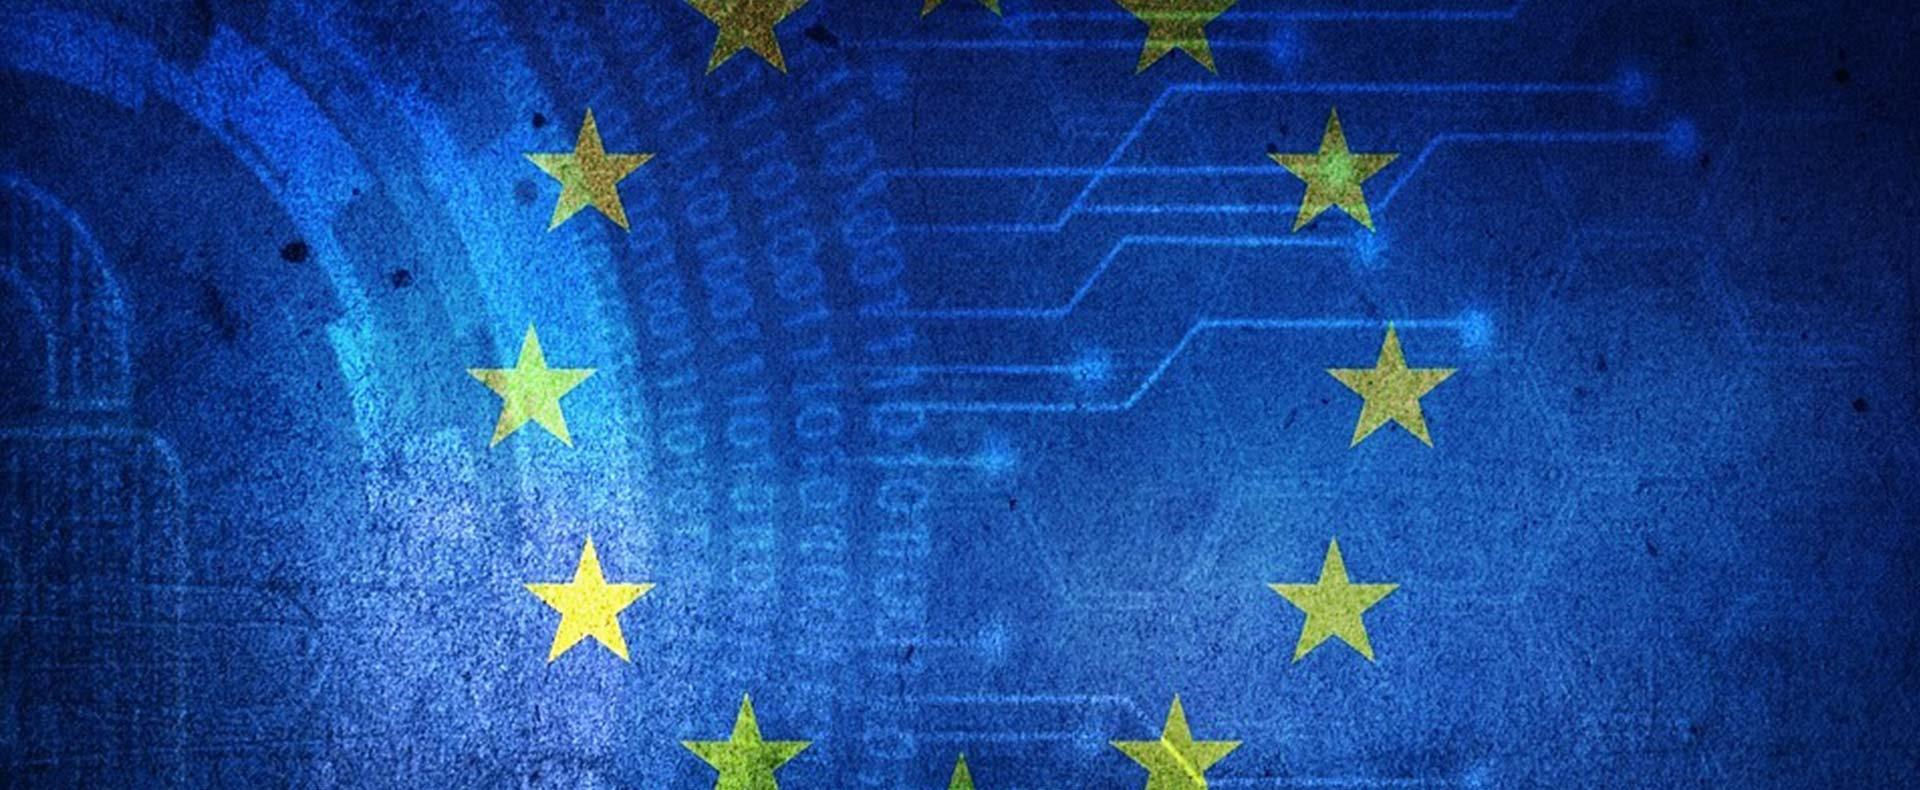 Europa: il ruolo della sicurezza informatica - Geopolitica.info